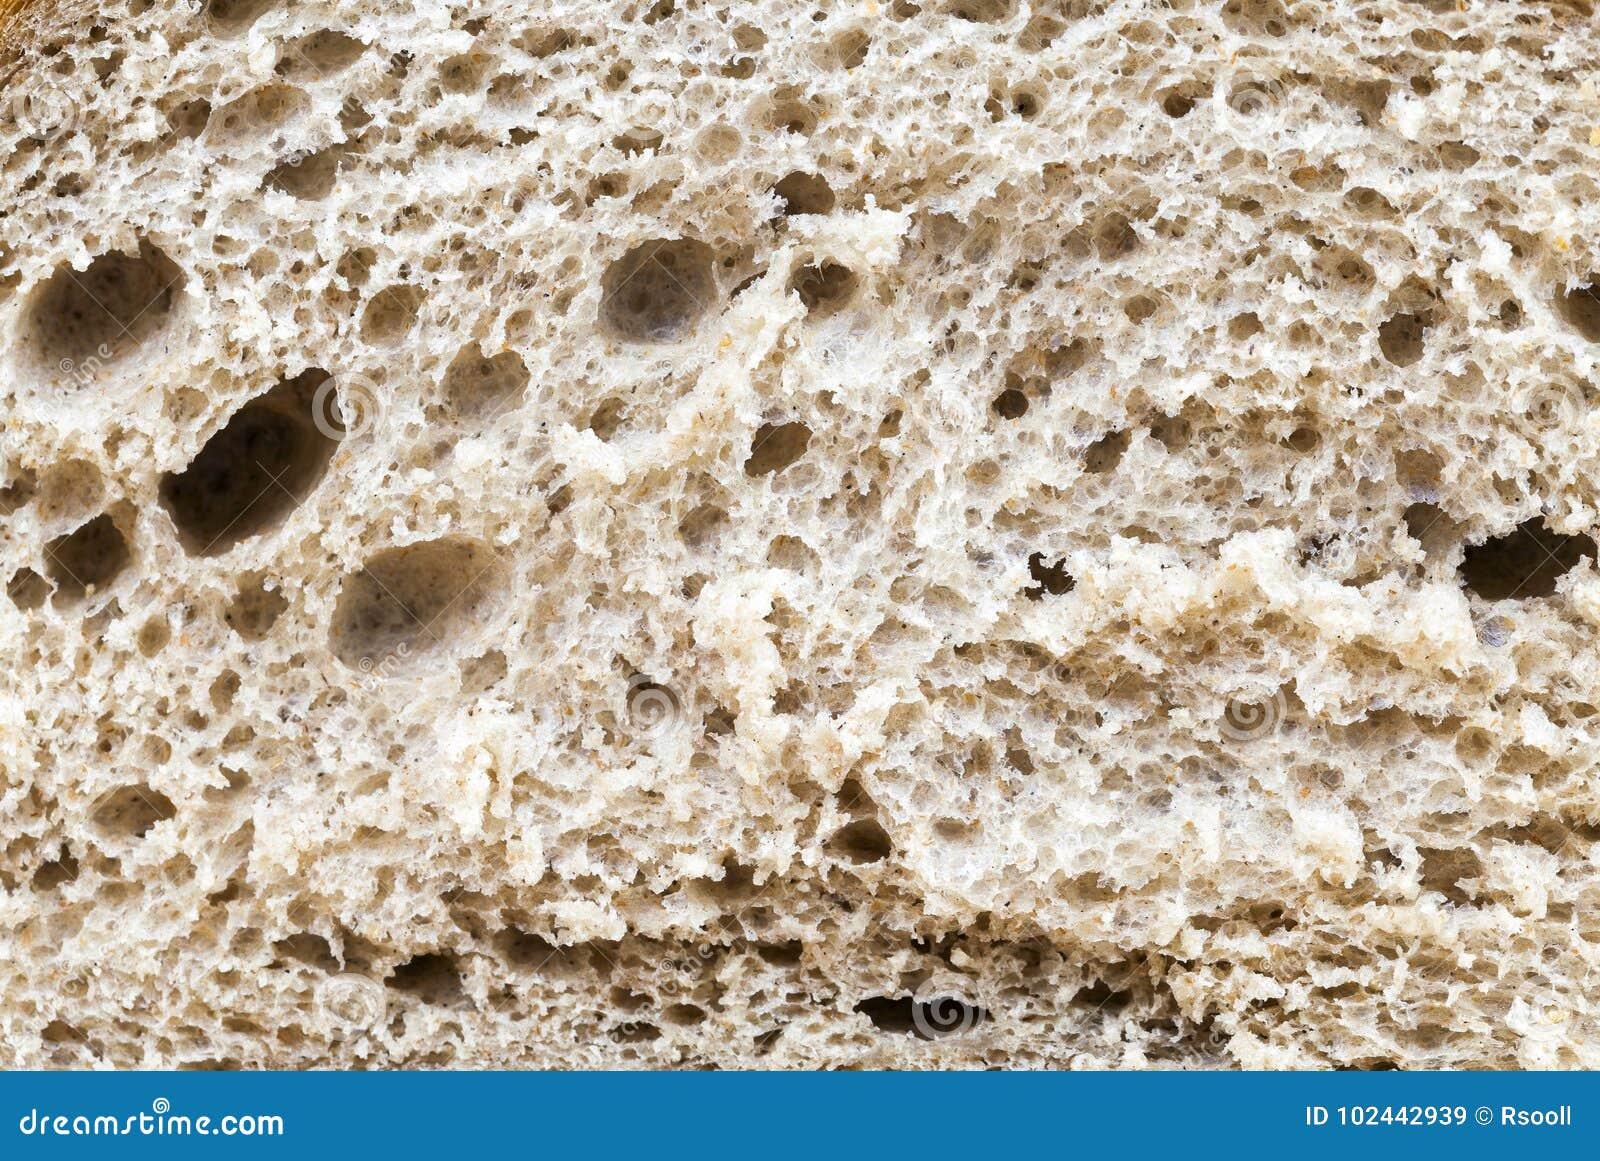 Masse des Brotes